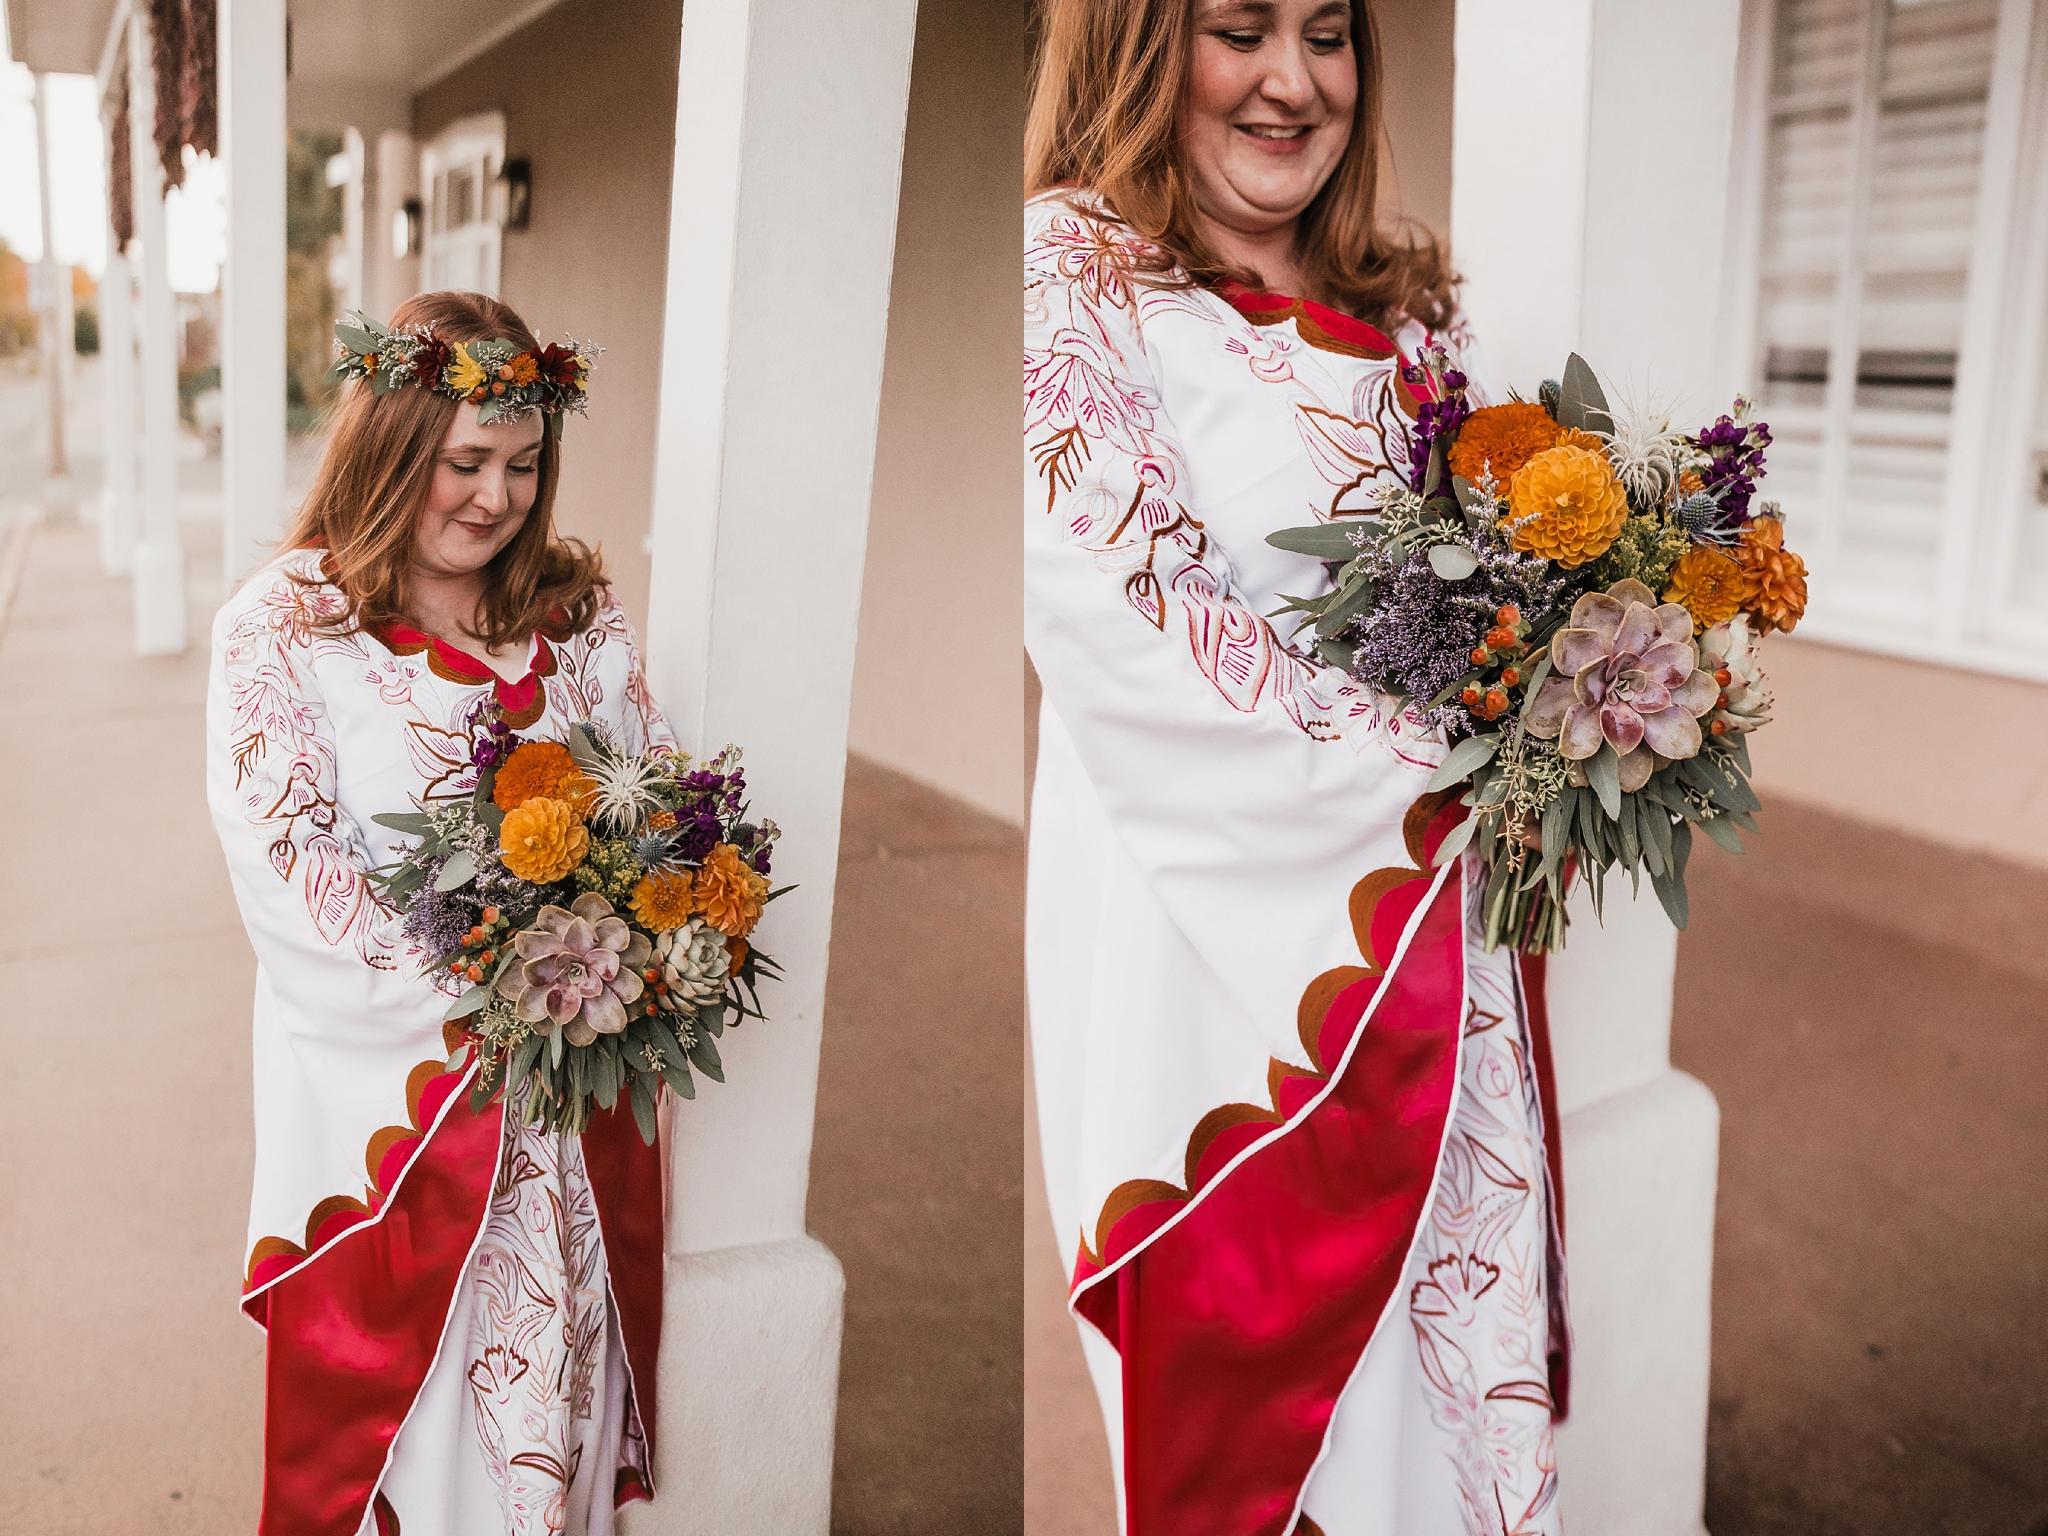 Alicia+lucia+photography+-+albuquerque+wedding+photographer+-+santa+fe+wedding+photography+-+new+mexico+wedding+photographer+-+albuquerque+wedding+-+santa+fe+wedding+-+wedding+gowns+-+non+traditional+wedding+gowns_0026.jpg